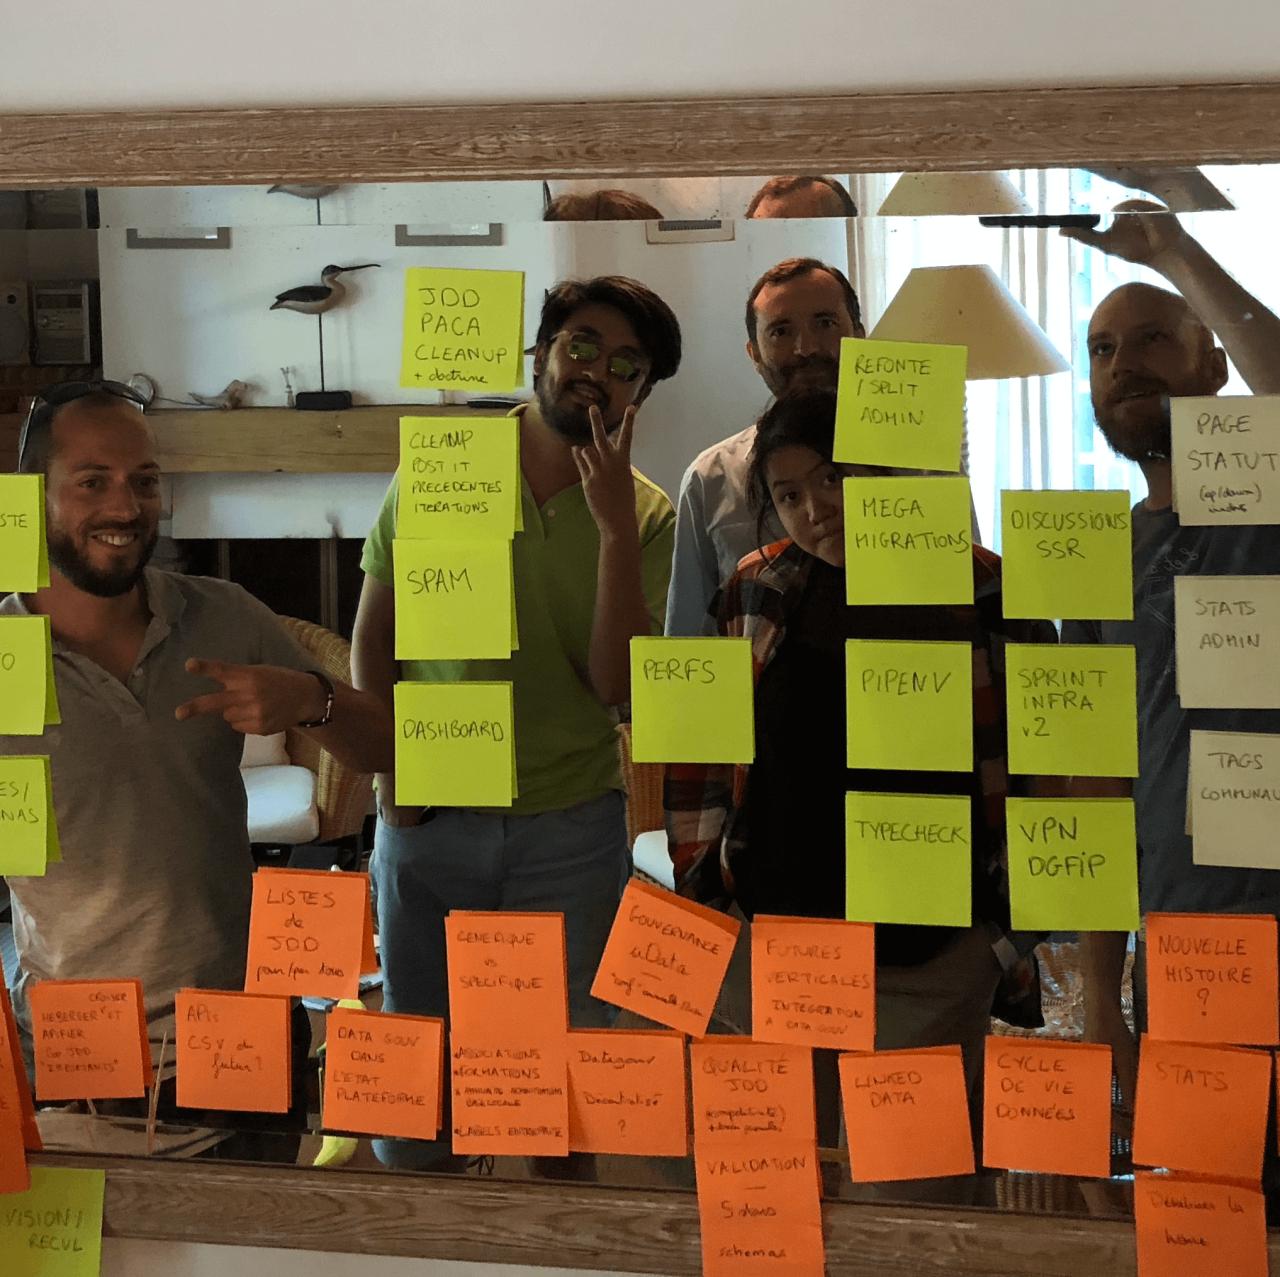 L'équipe derrière data.gouv.fr